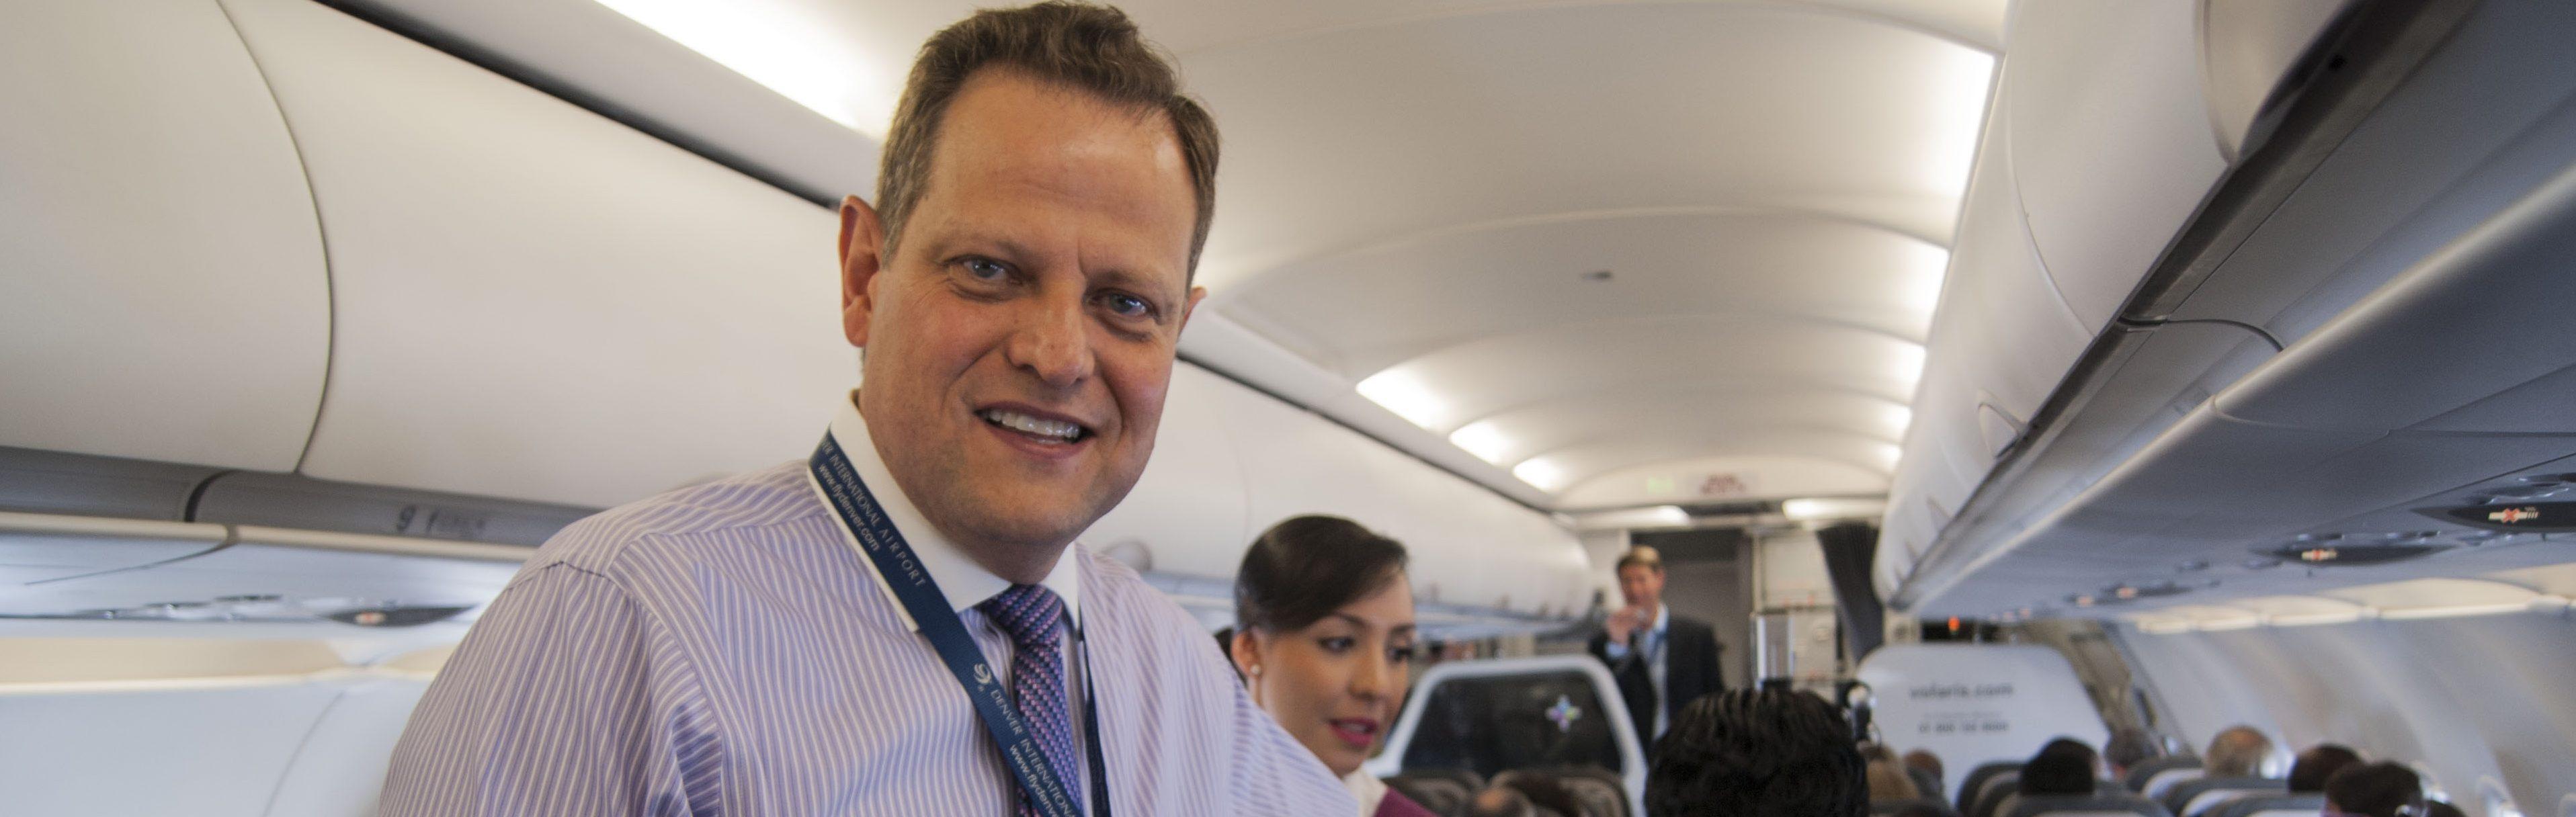 Volaris busca turbosina más barata; analiza realizar una «licitación